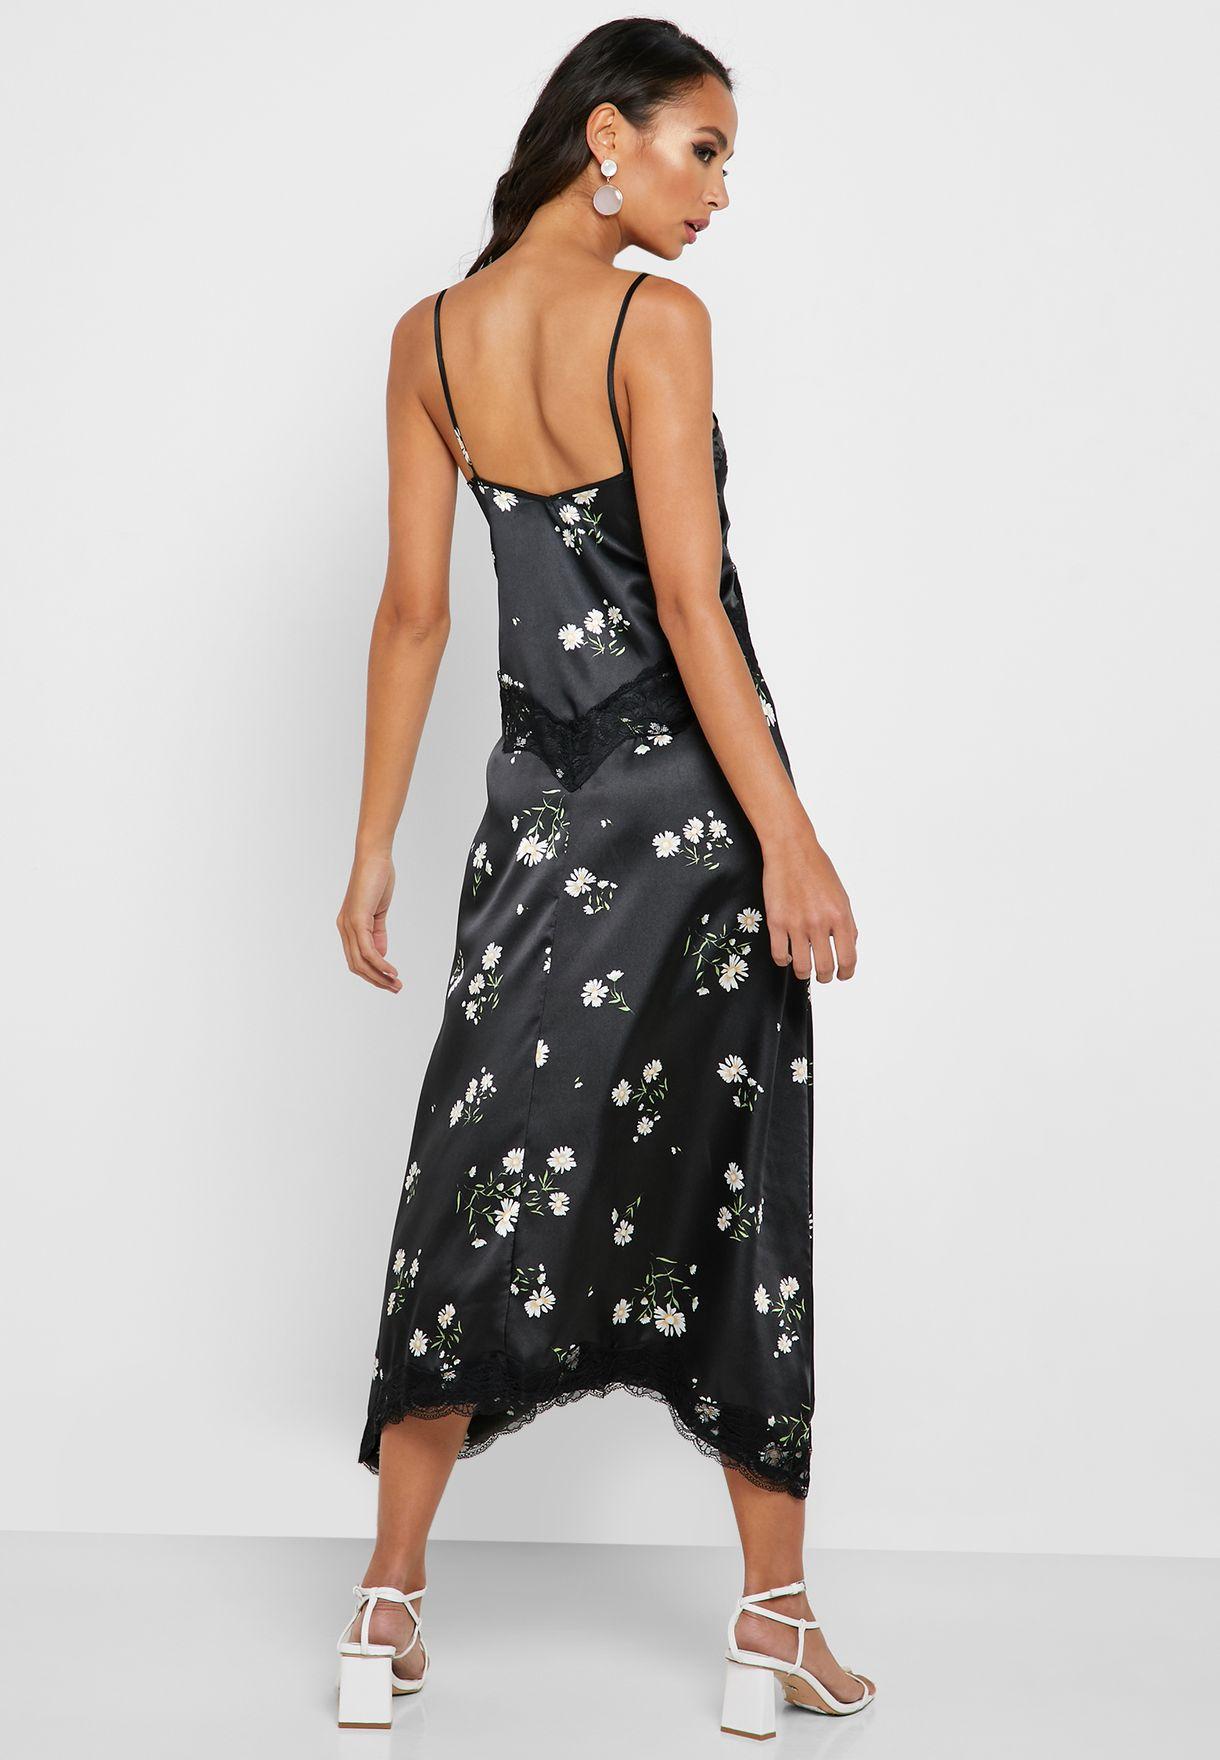 فستان بطبعات ازهار وحواف دانتيل